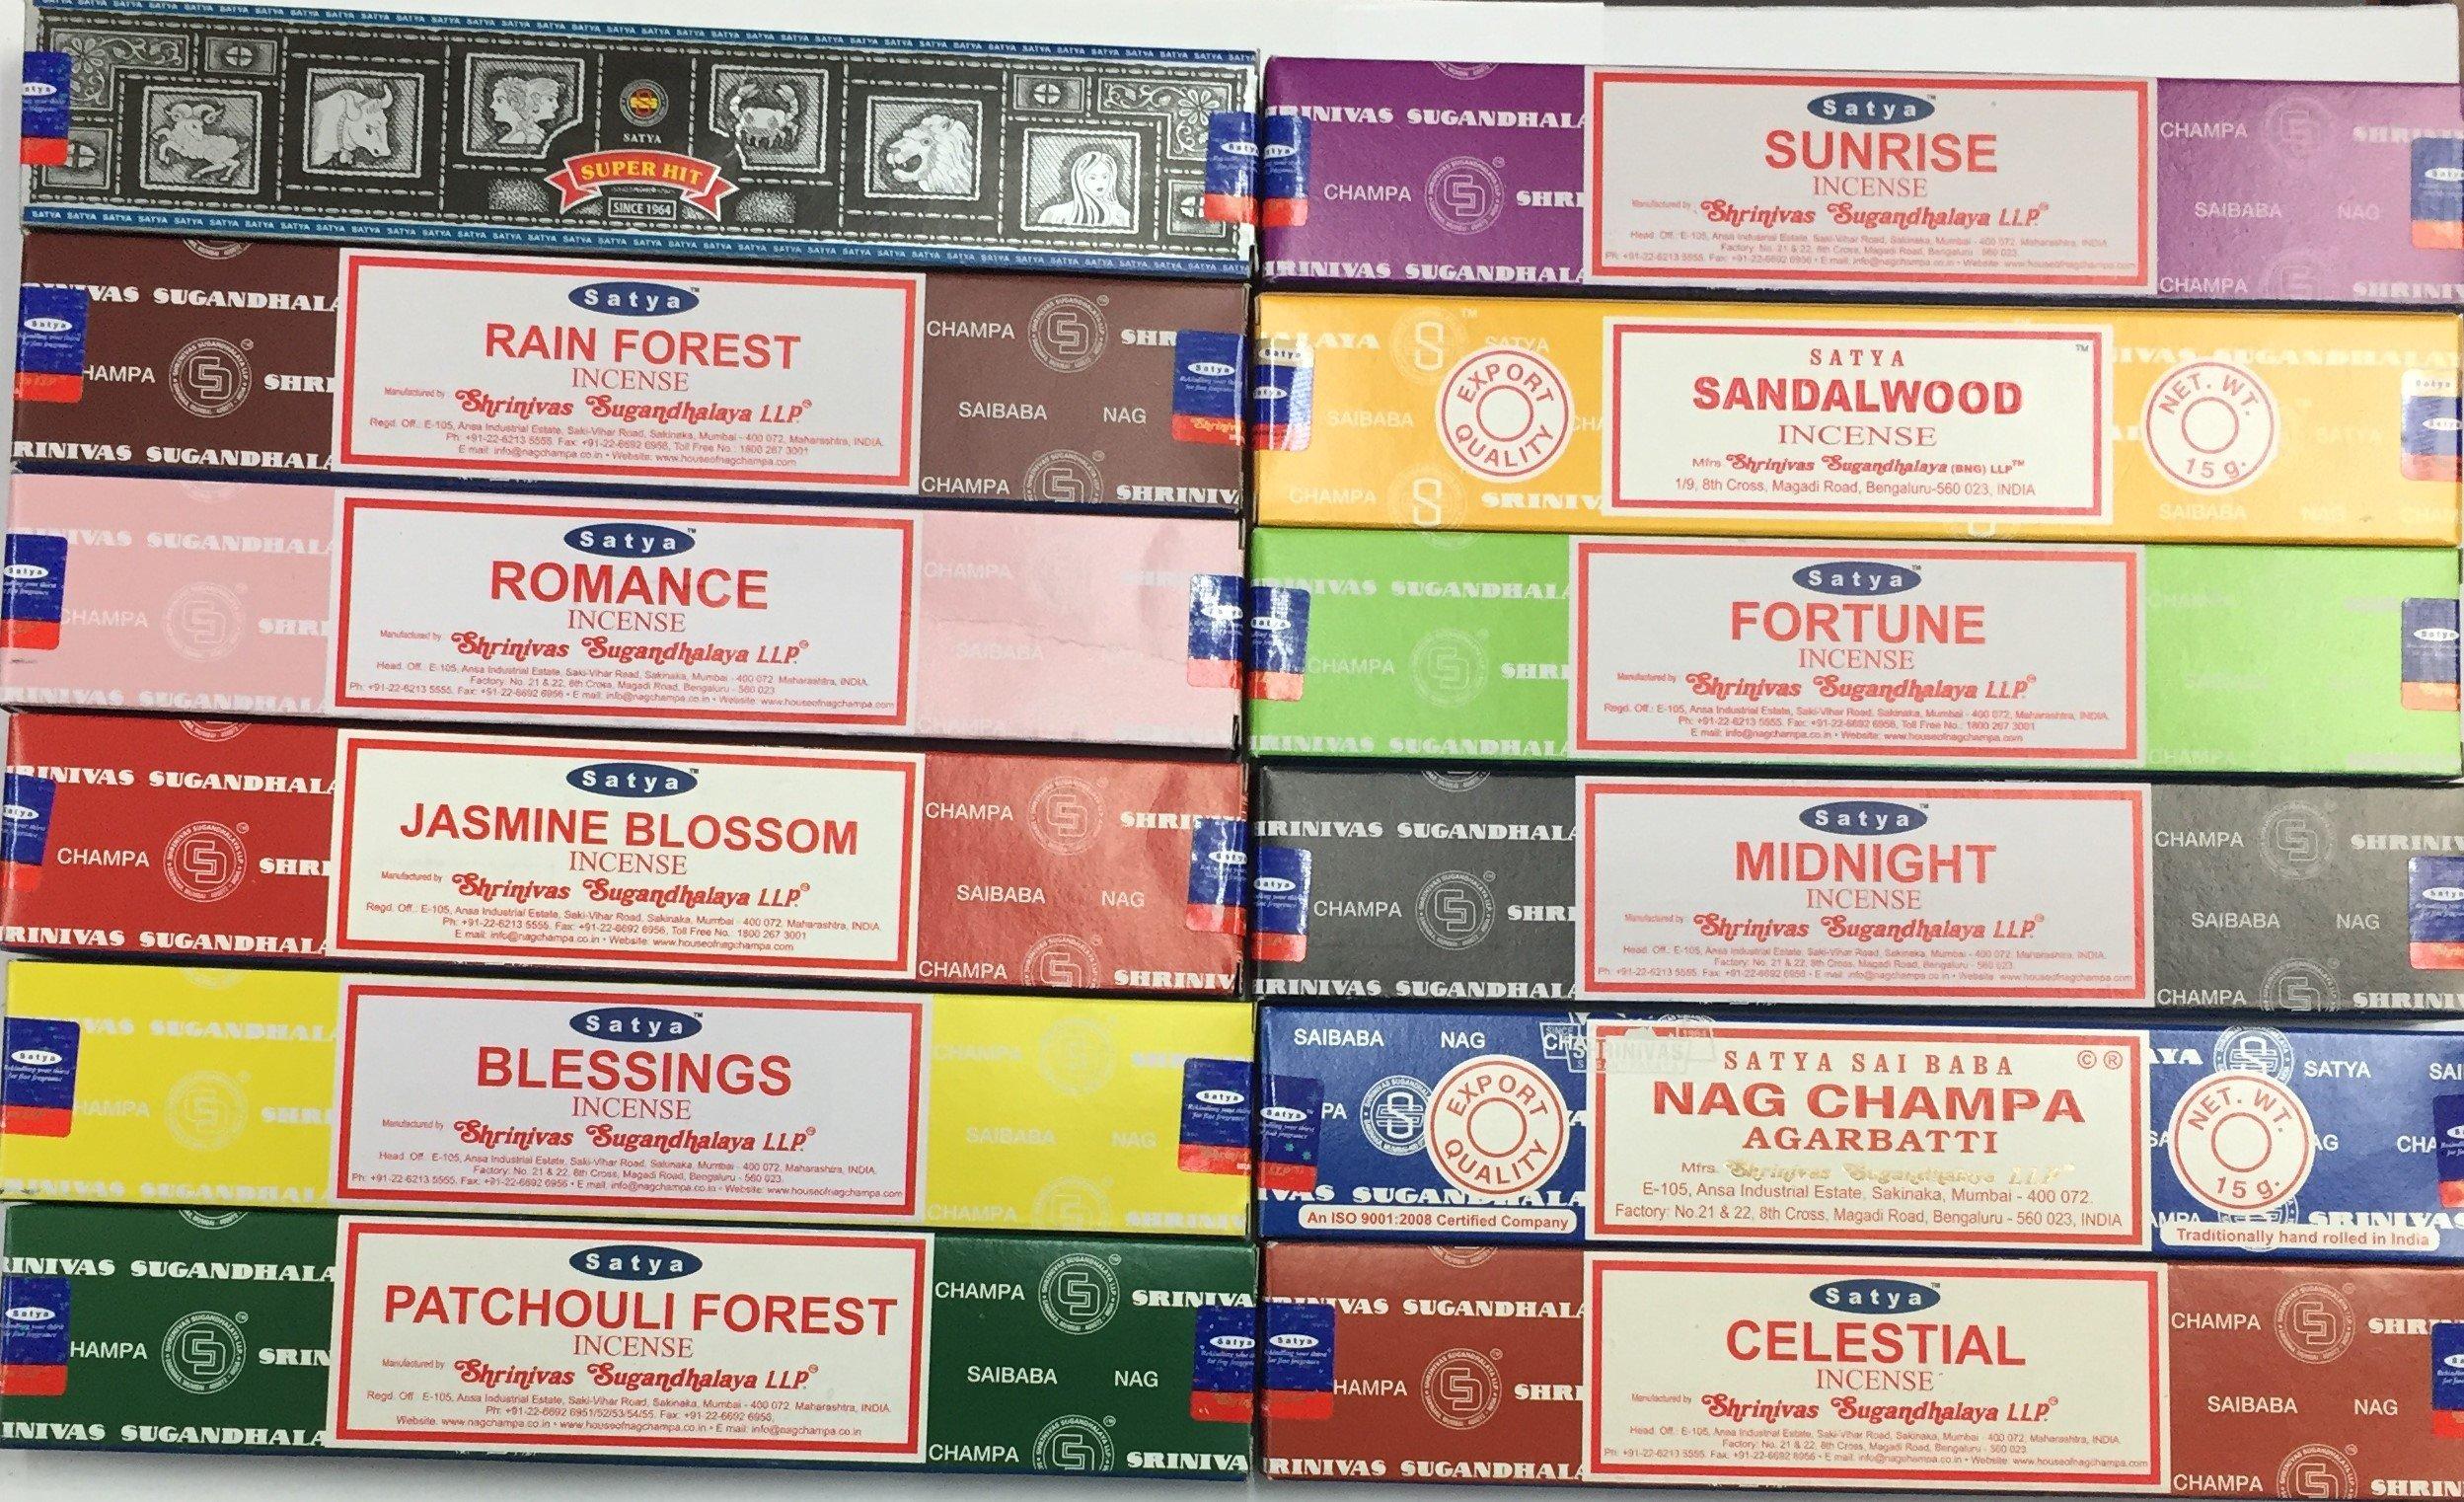 Satya surtido de inciensos 12 cajas de 15g product image